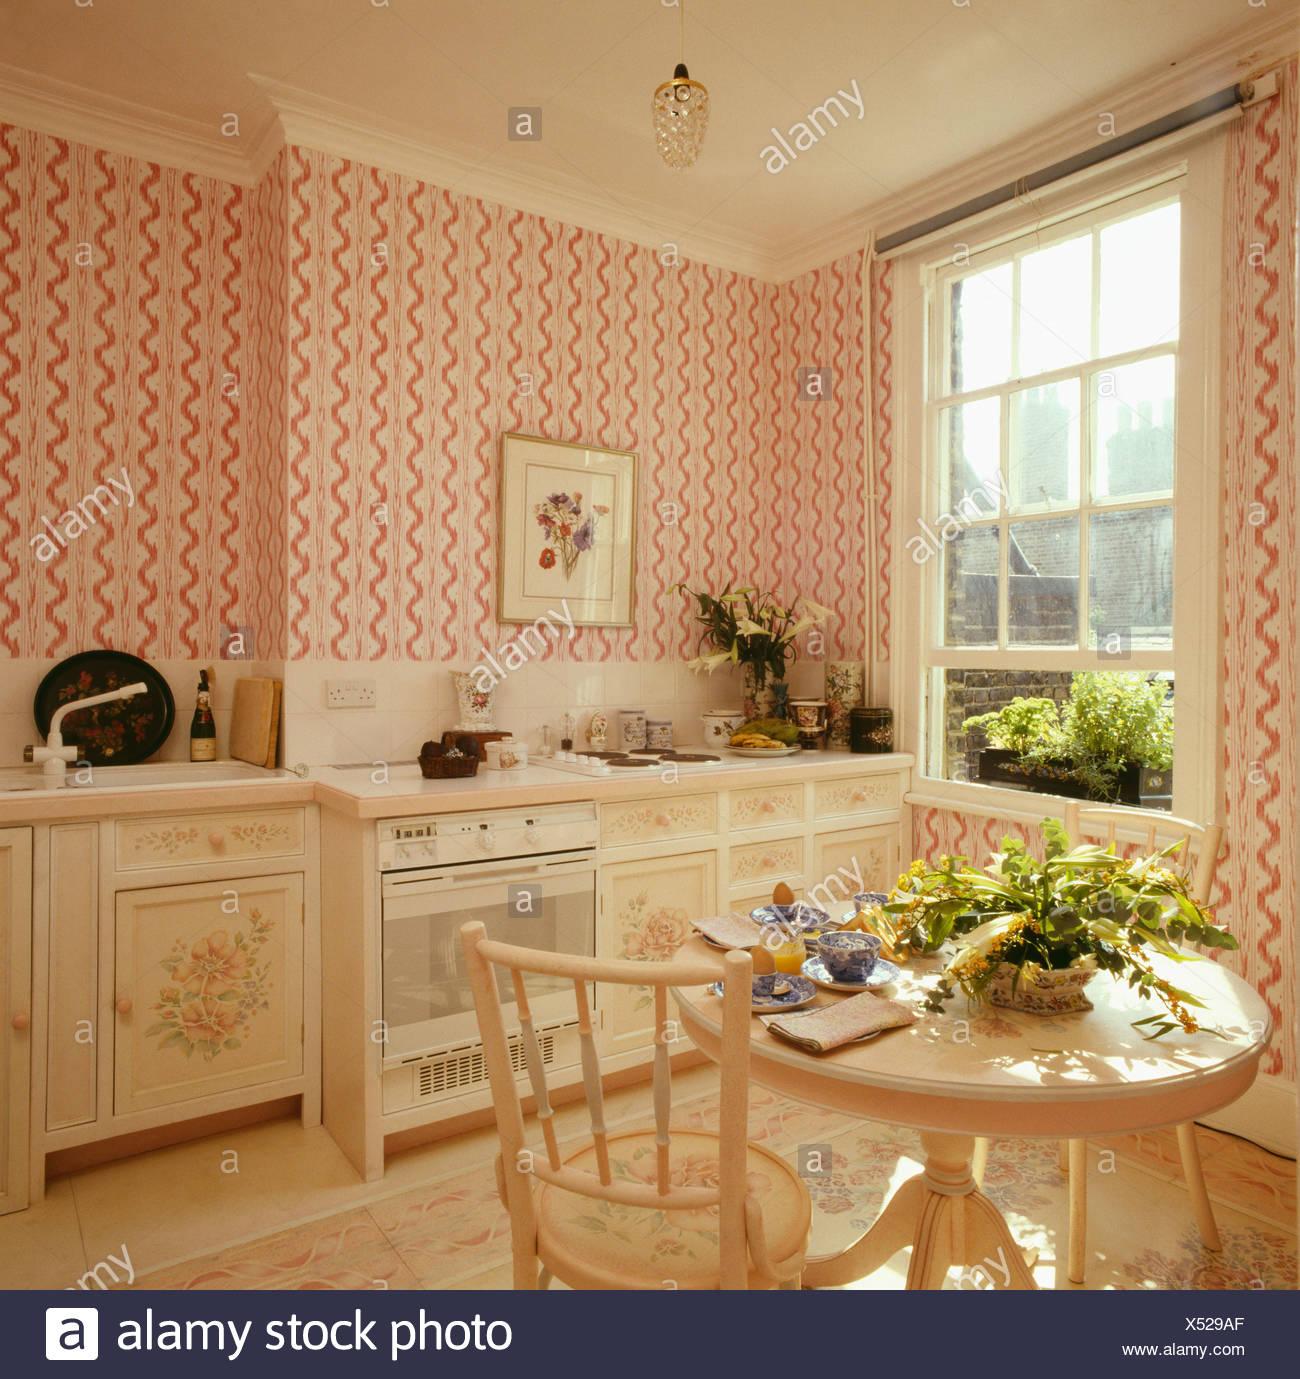 Rosa gestreifte Tapete in achtziger Jahre Küche-Esszimmer ...